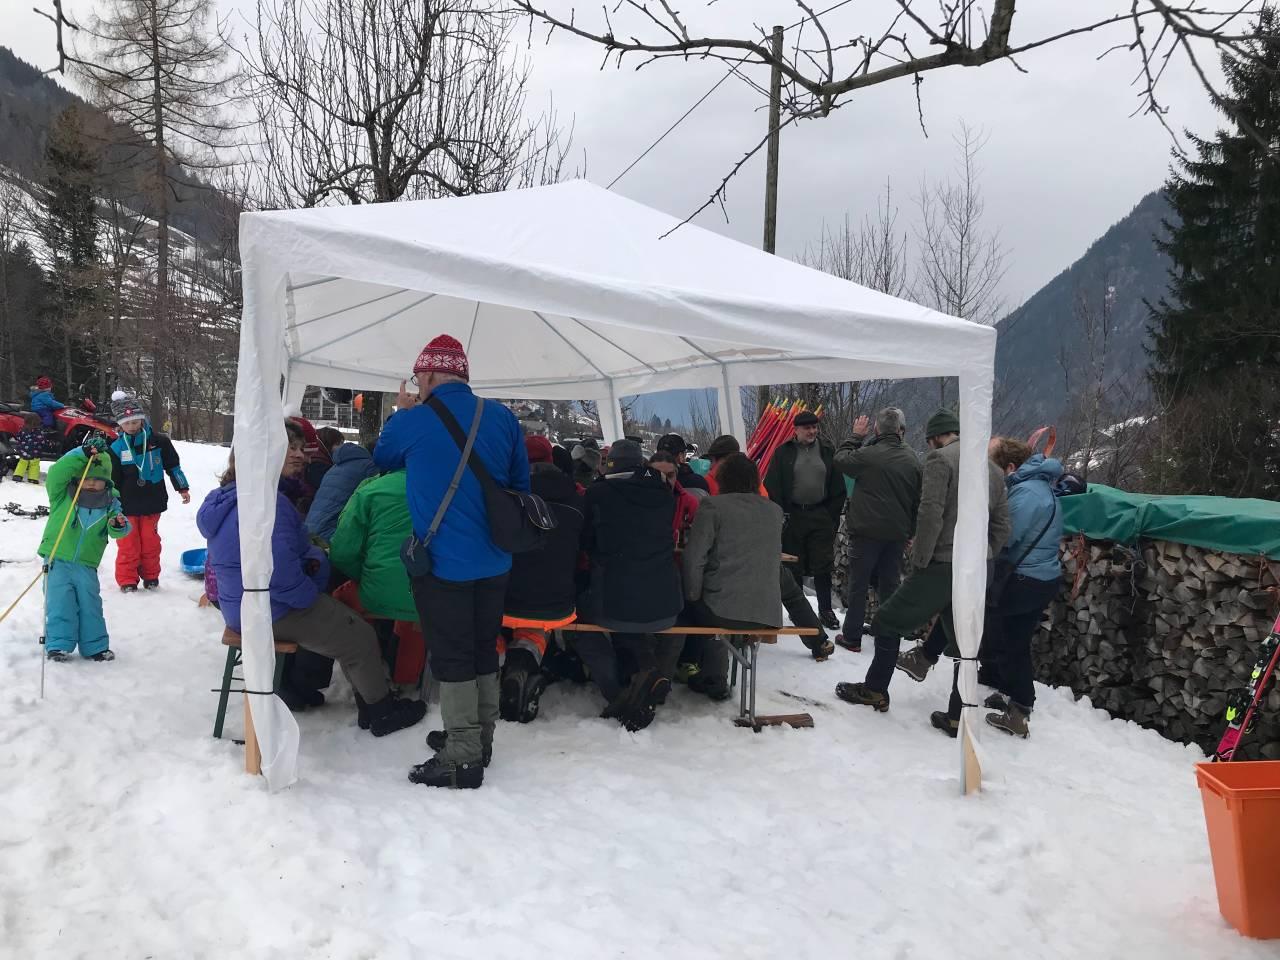 Tschennerrennen 2018 Festwirtschaft